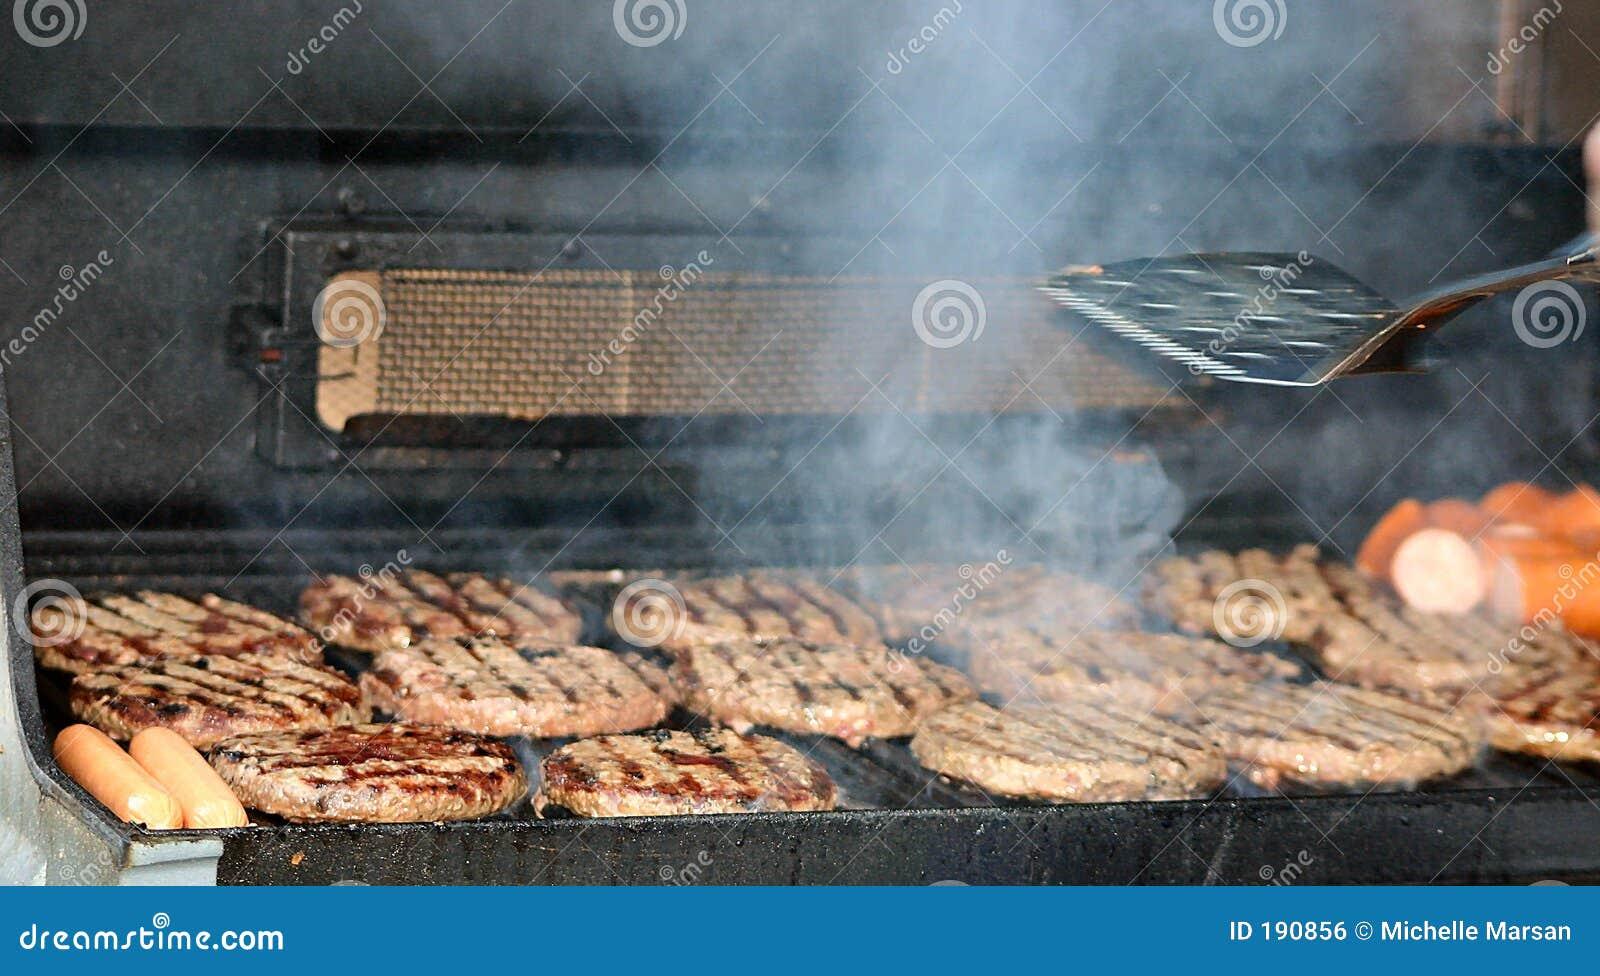 BBQ pour le dîner